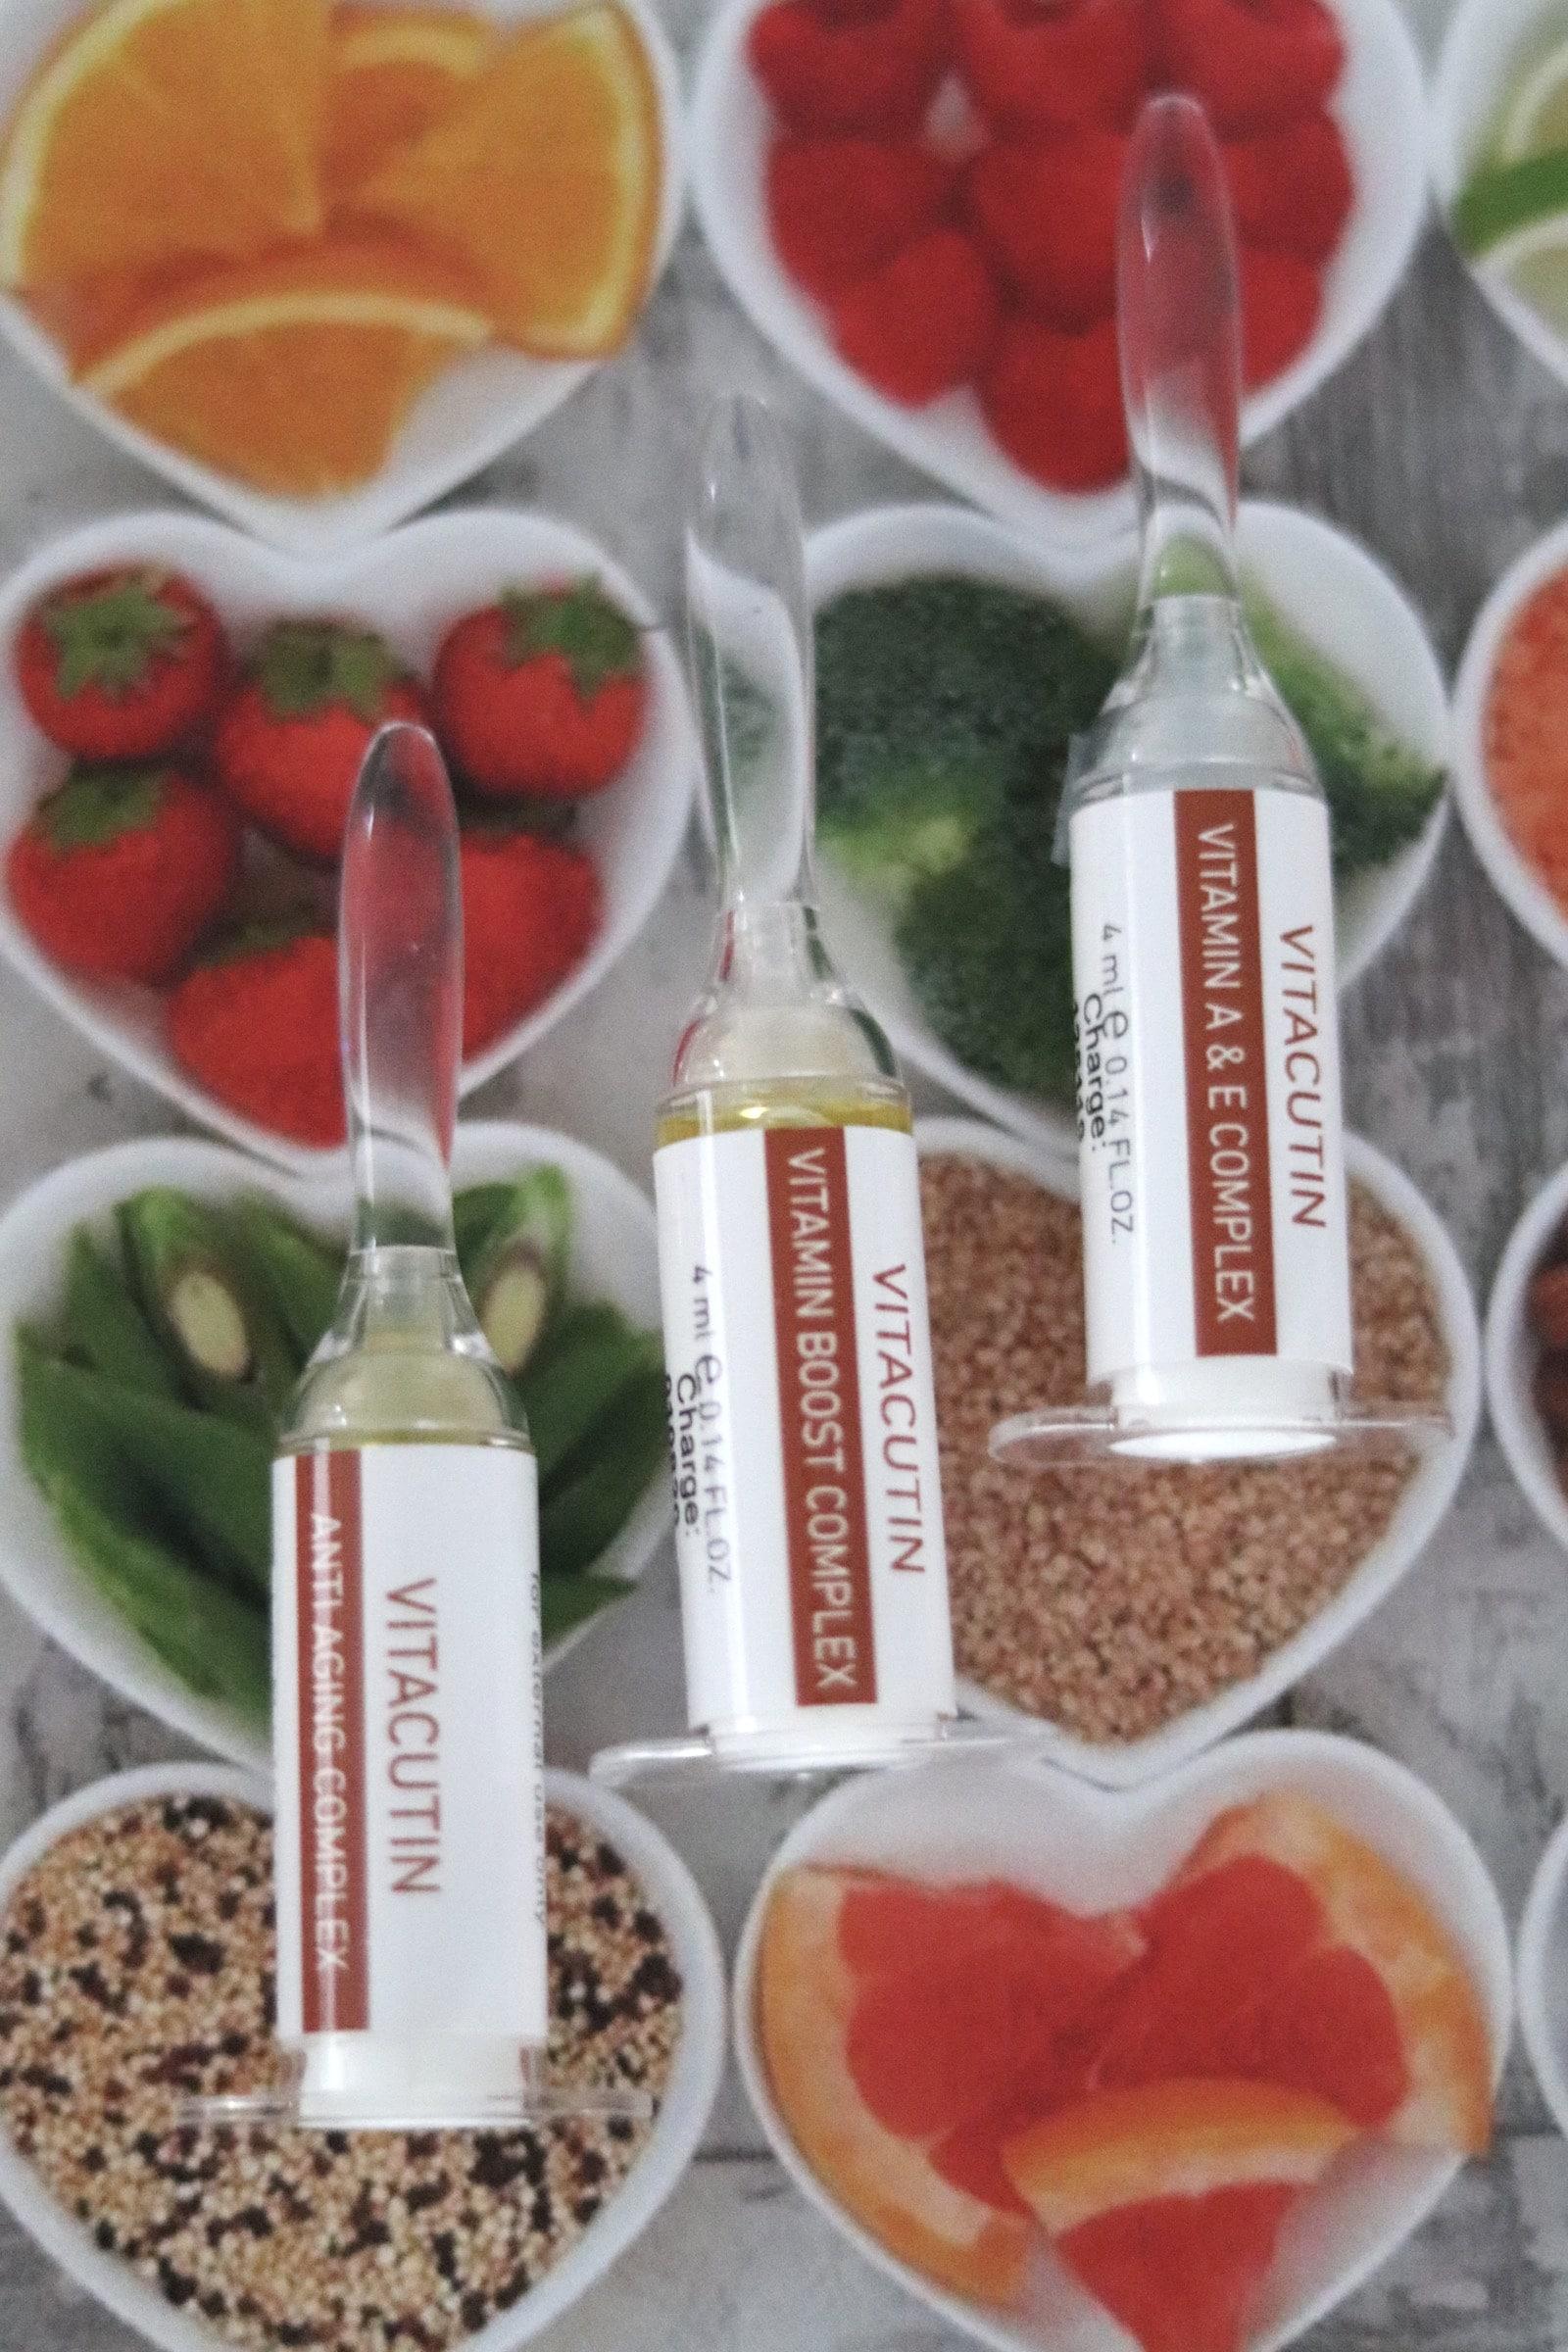 Vitamine in dermaceutical Produkten